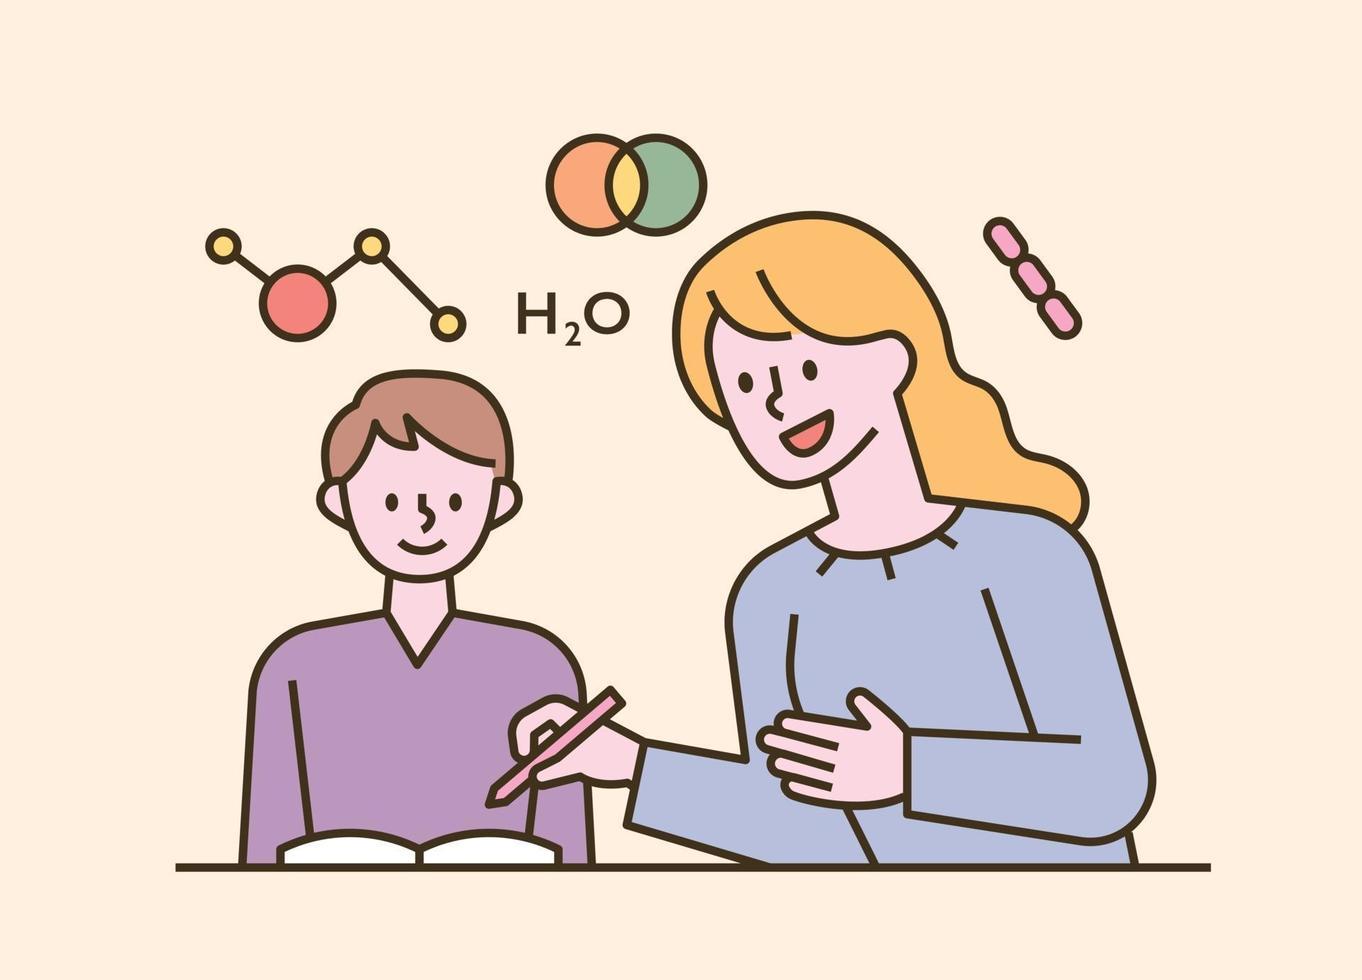 barn som sitter vid deras skrivbord och hemundervisning. platt designstil minimal vektorillustration. vektor